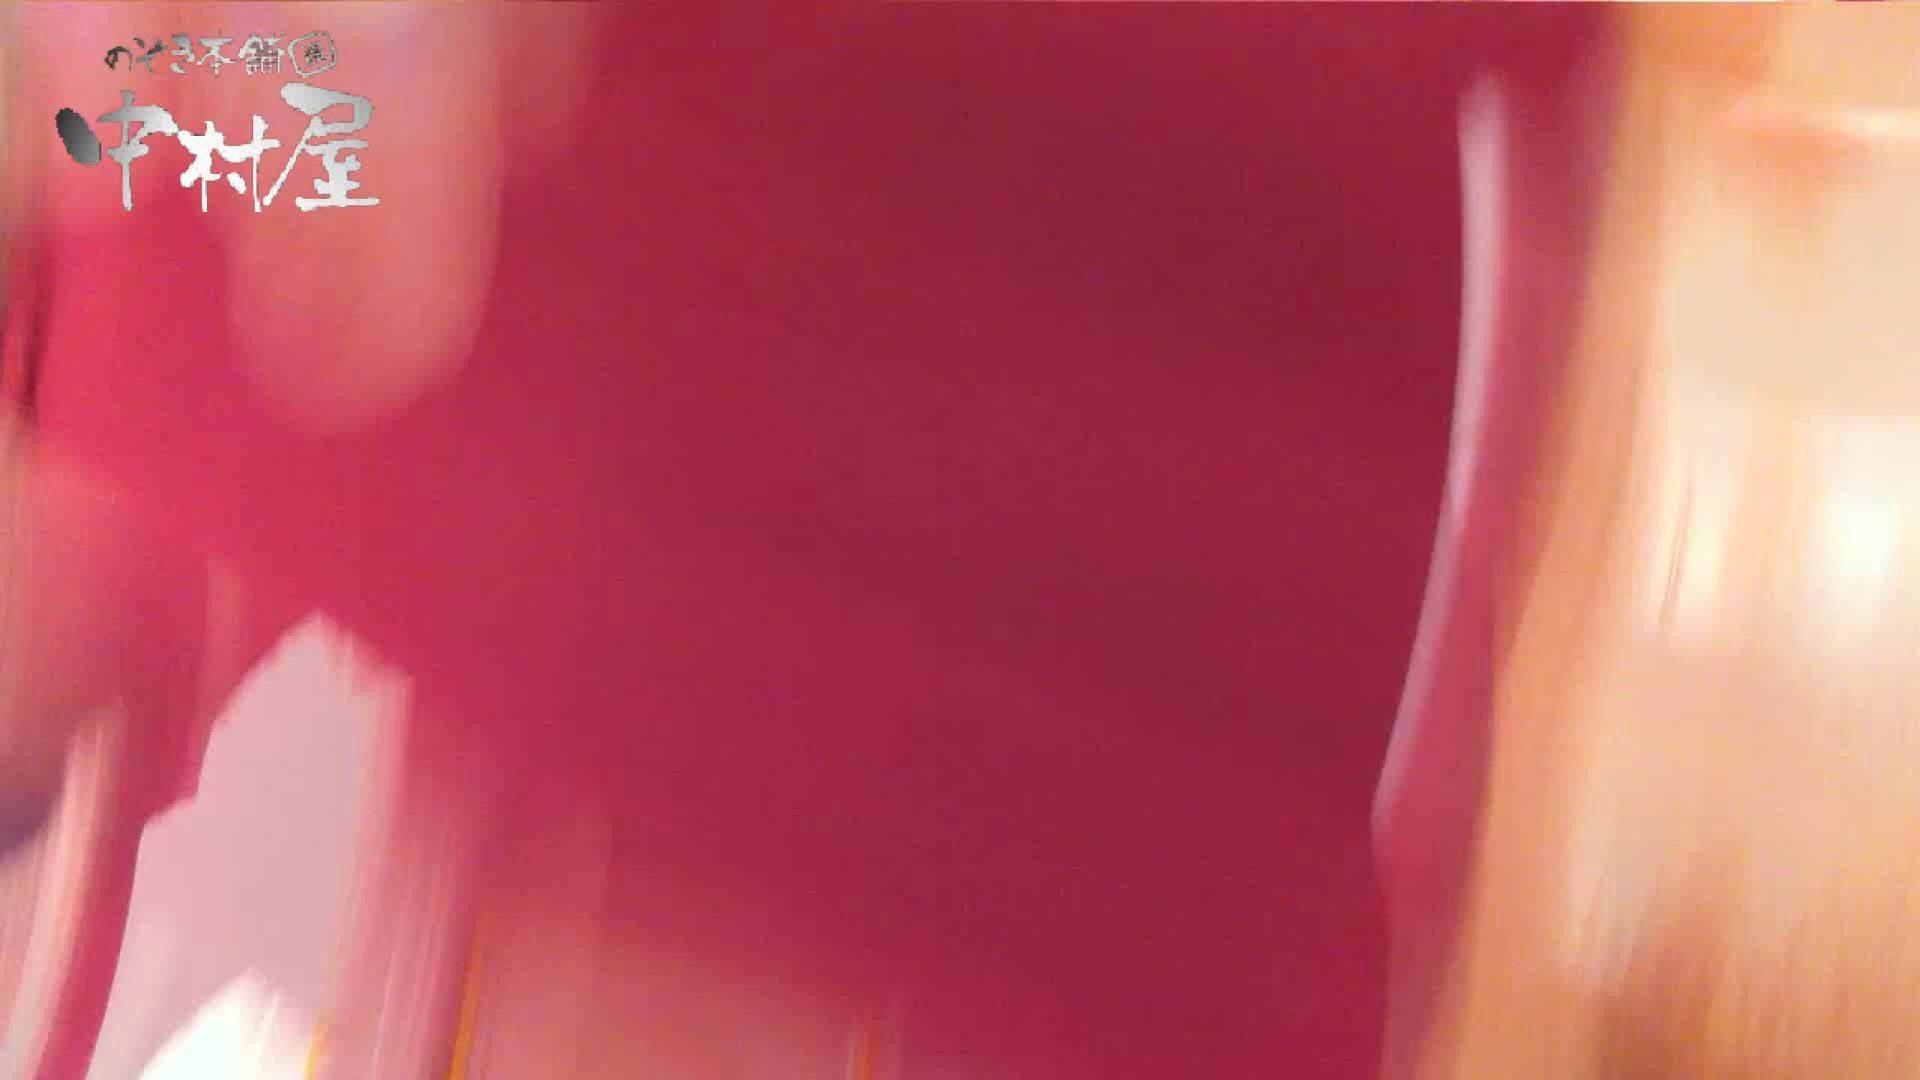 vol.62 美人アパレル胸チラ&パンチラ 笑顔のチャーミングなおねぃさん 接写 | パンチラ  50pic 24